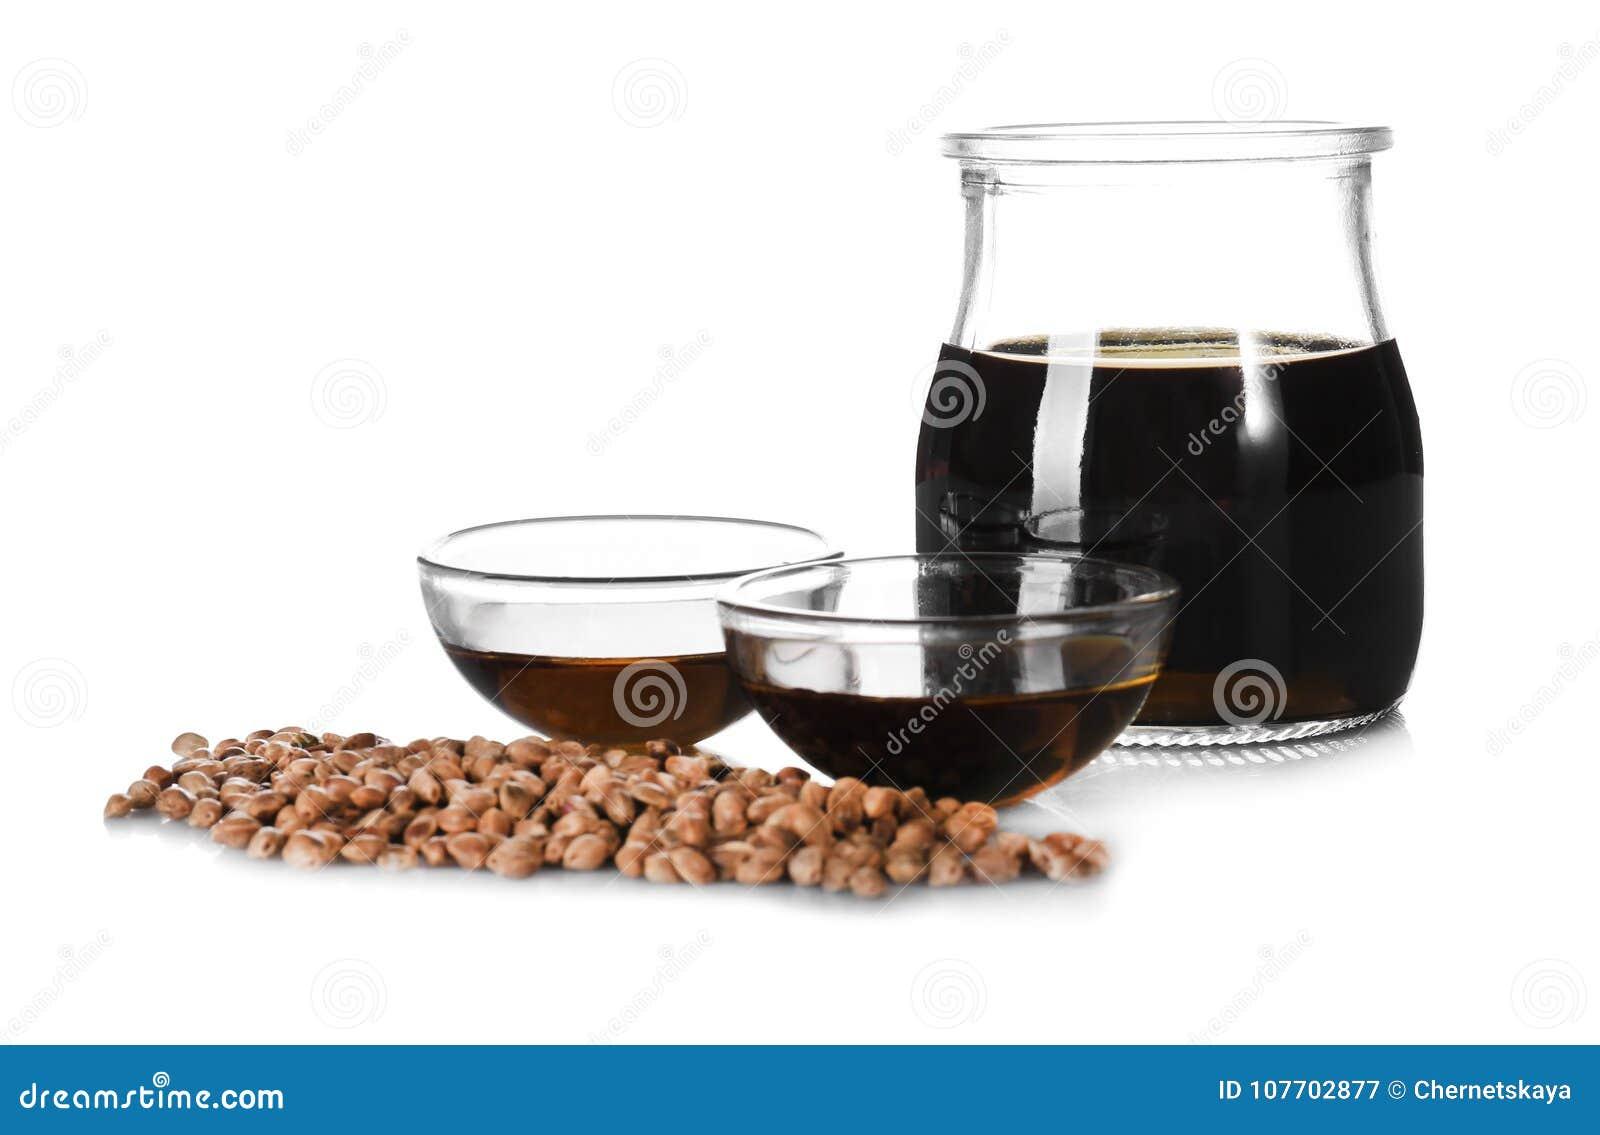 Bol de vidrio y tarro con aceite de cáñamo